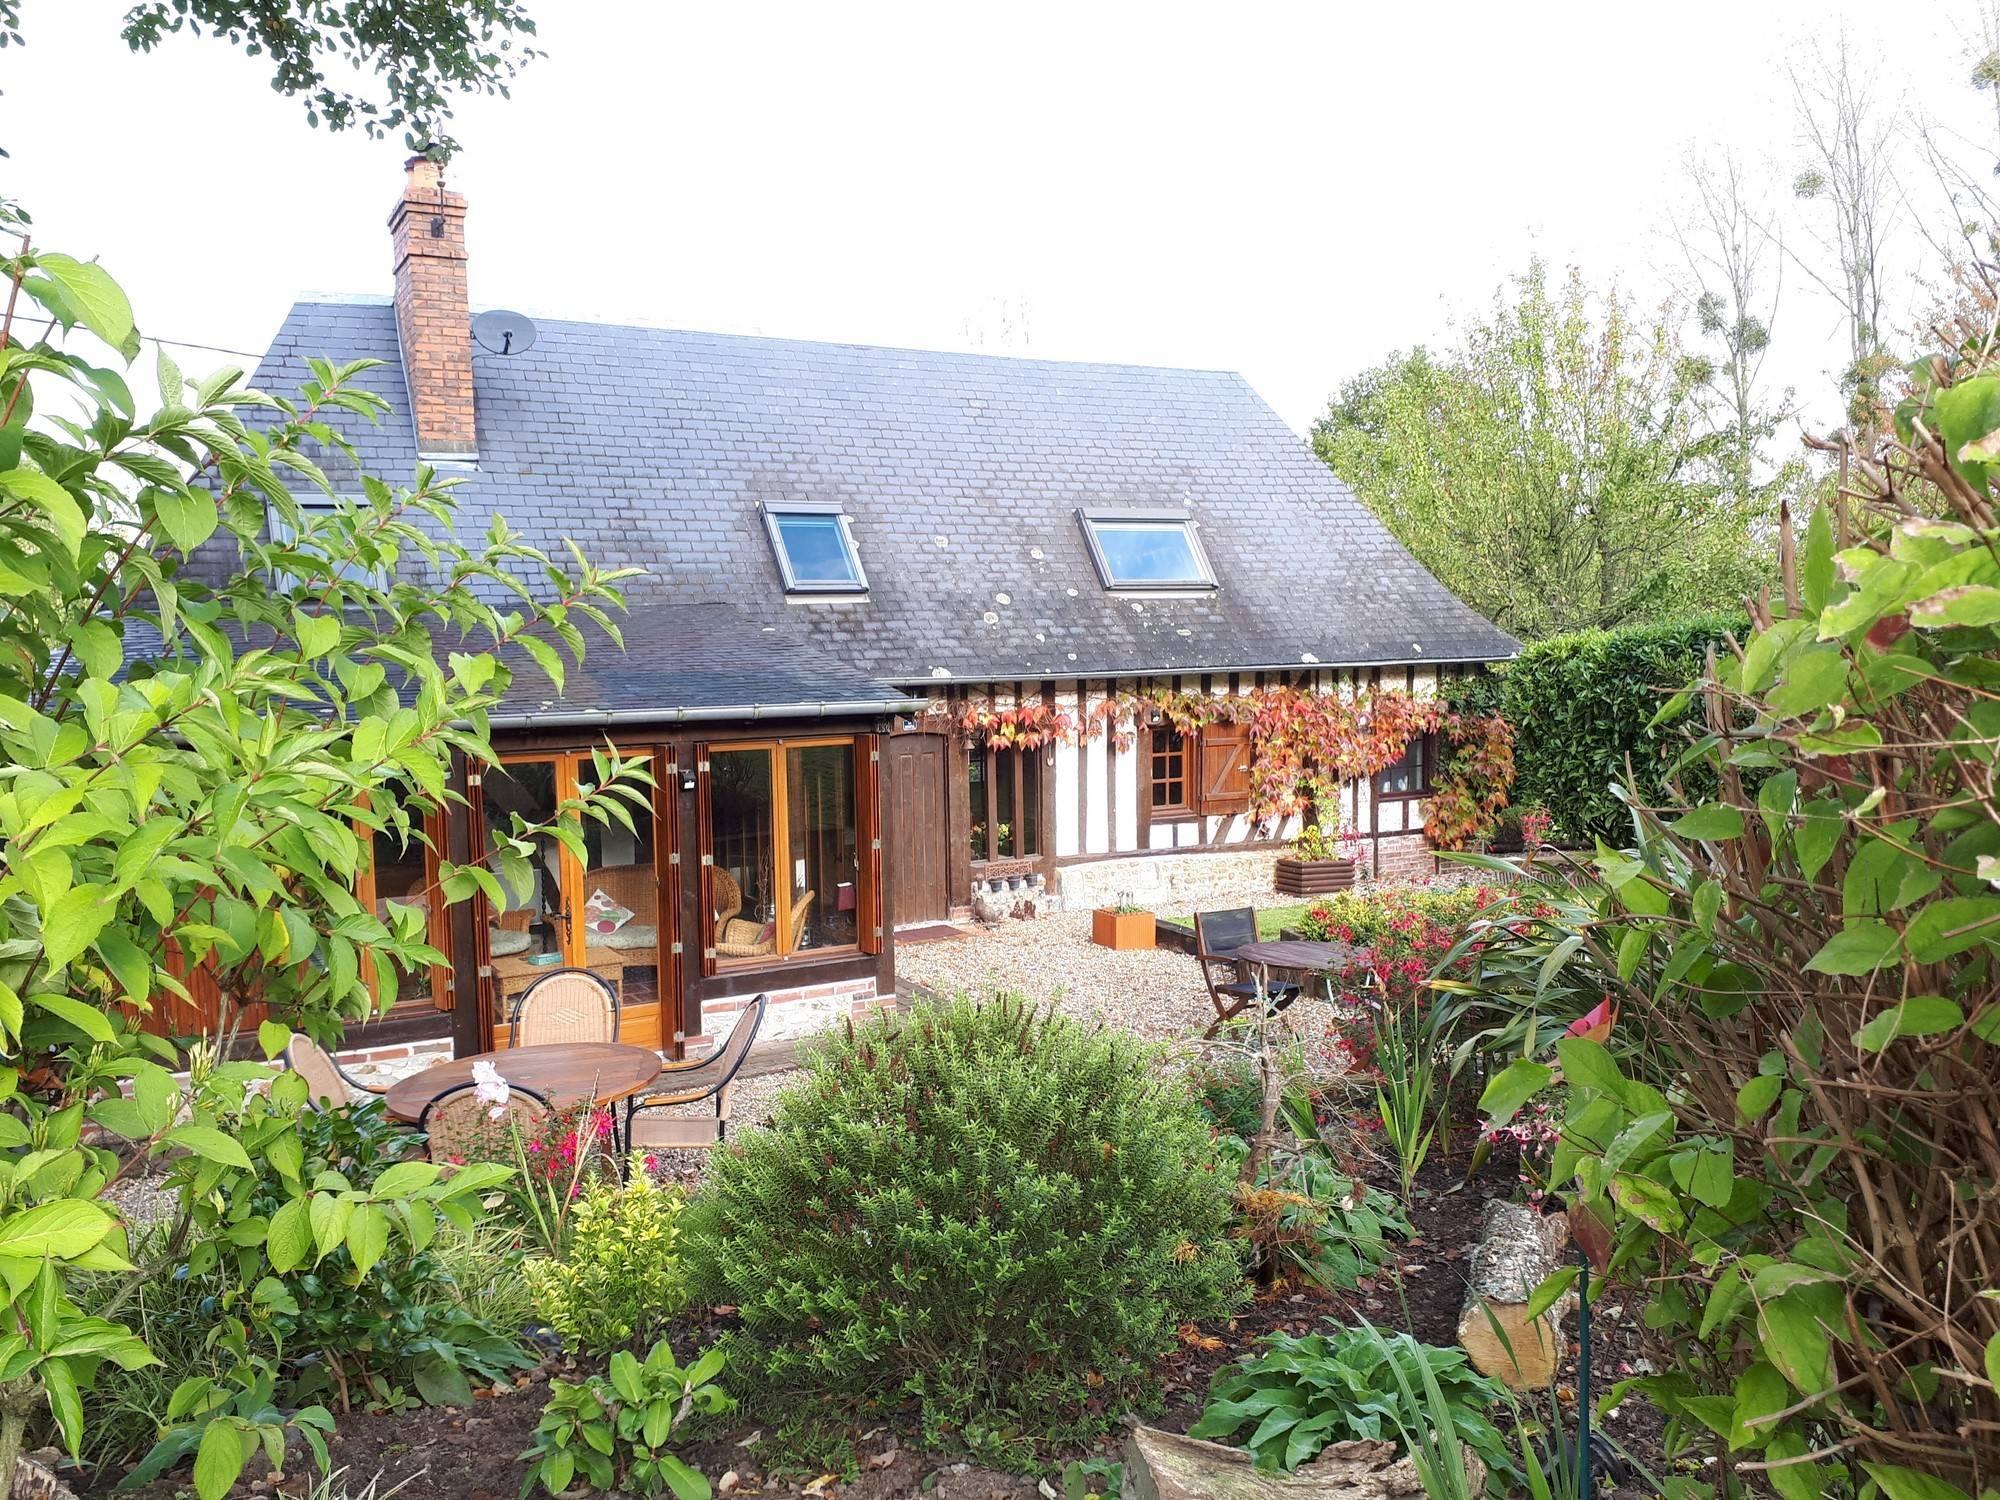 A vendre maison normande authentique région Cormeilles 27260